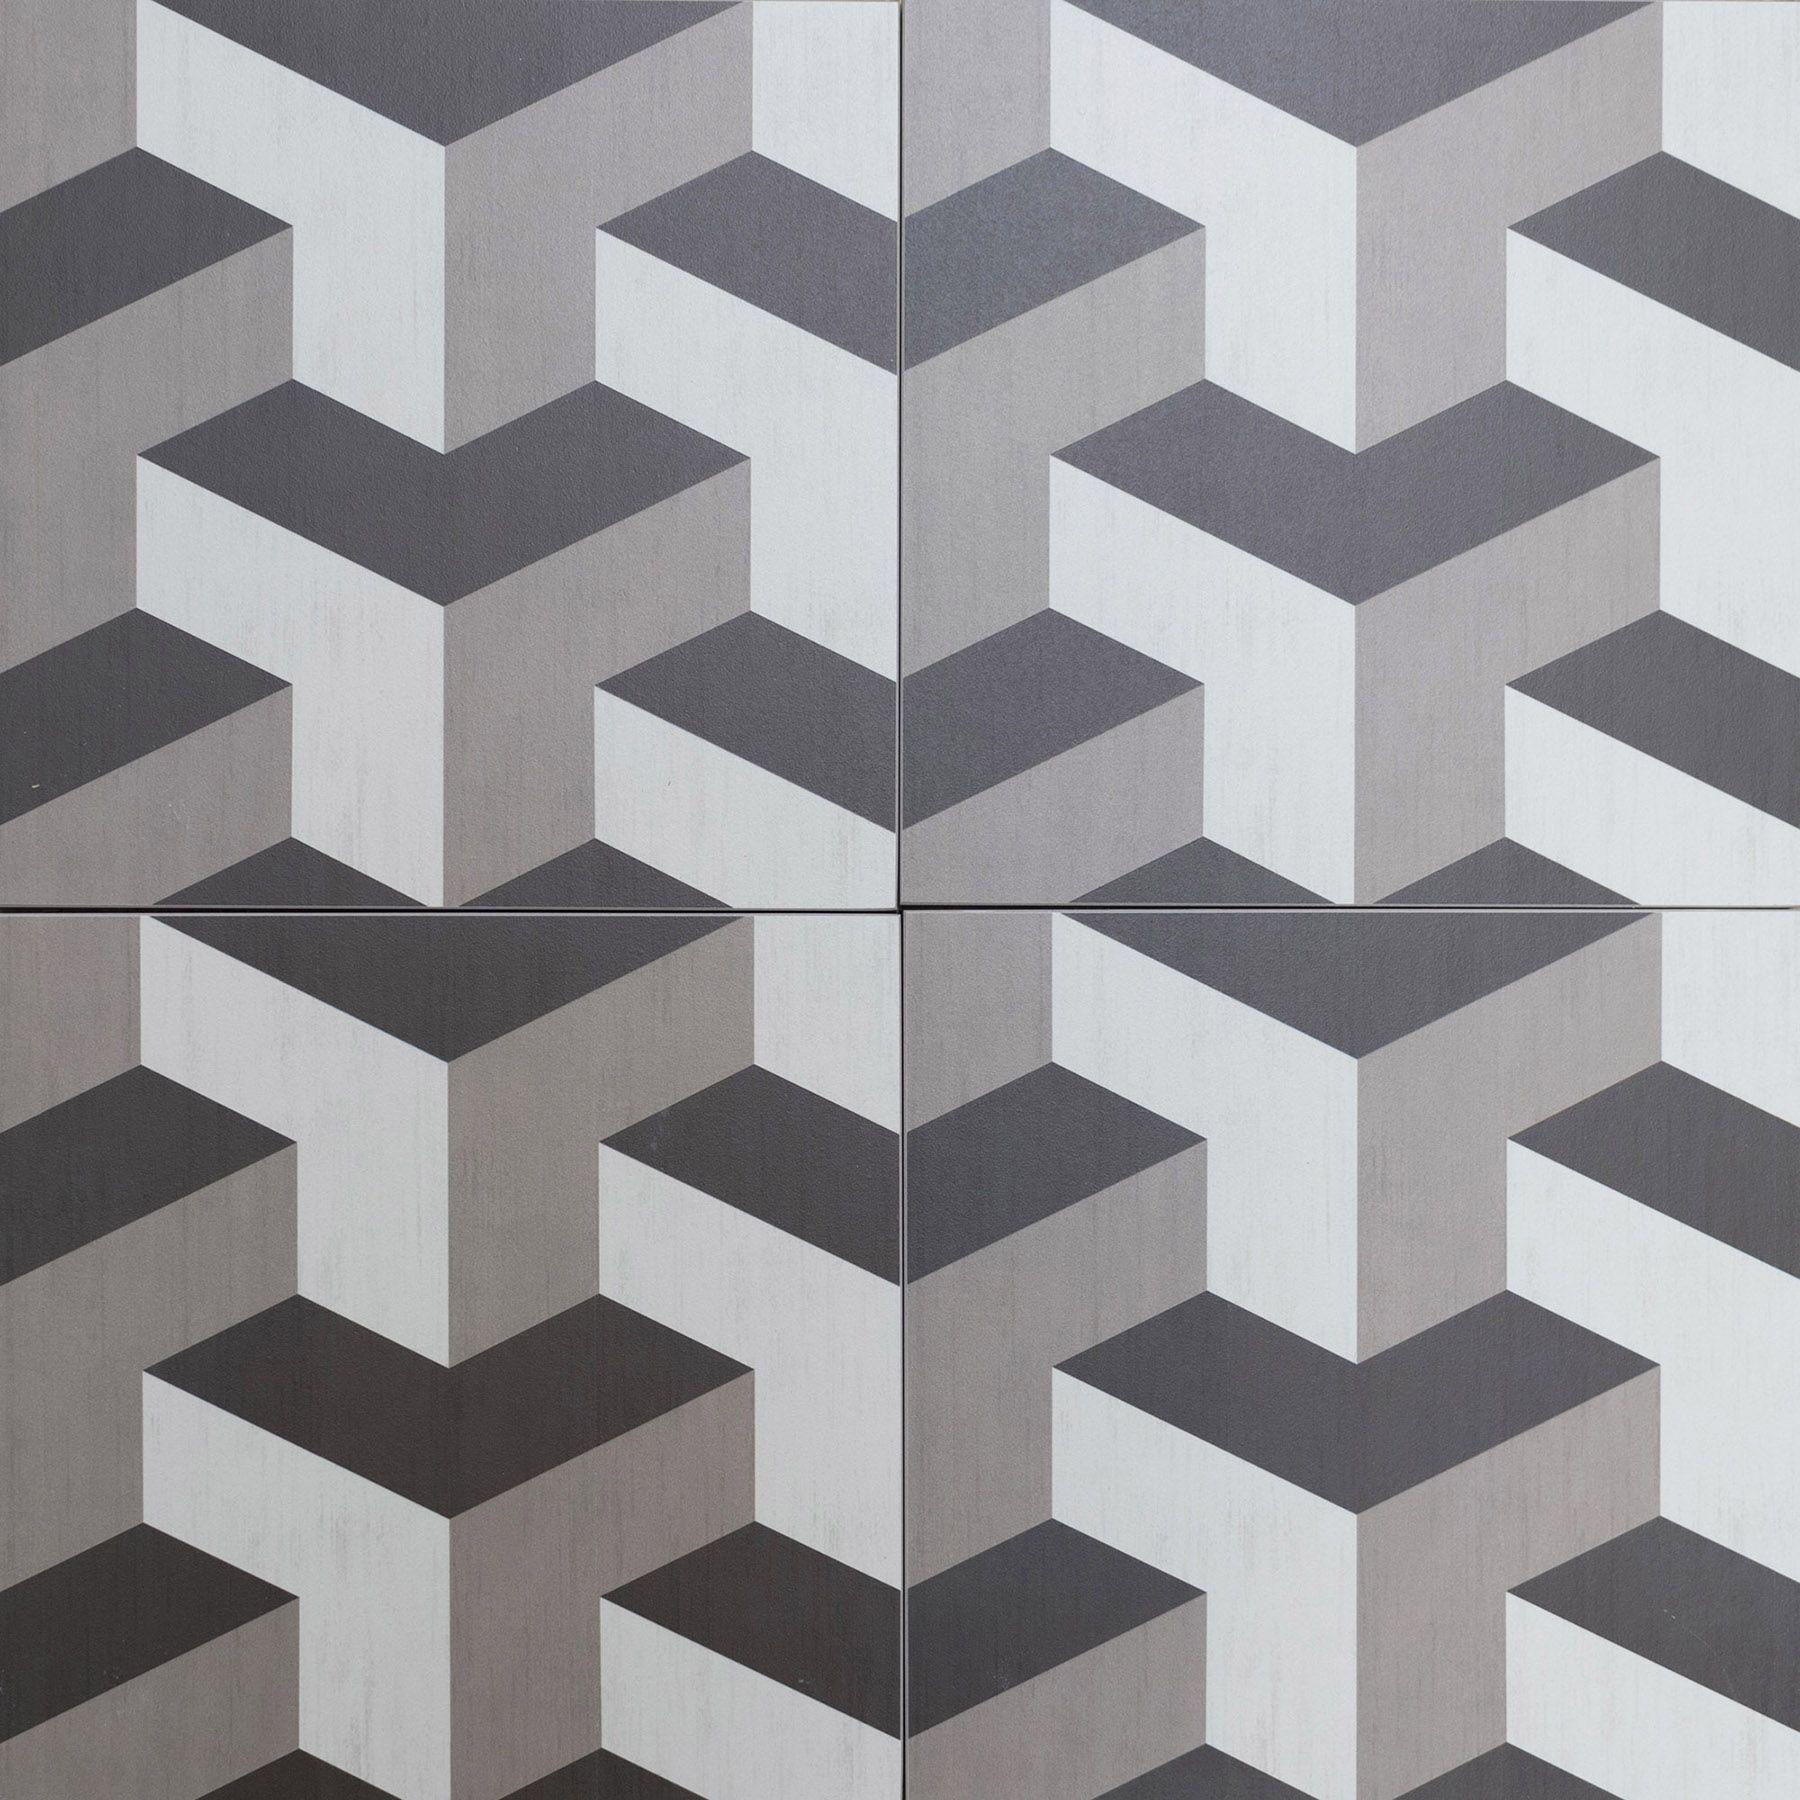 cubic, geometric, 3d style floor tiles encaustic look porcelain